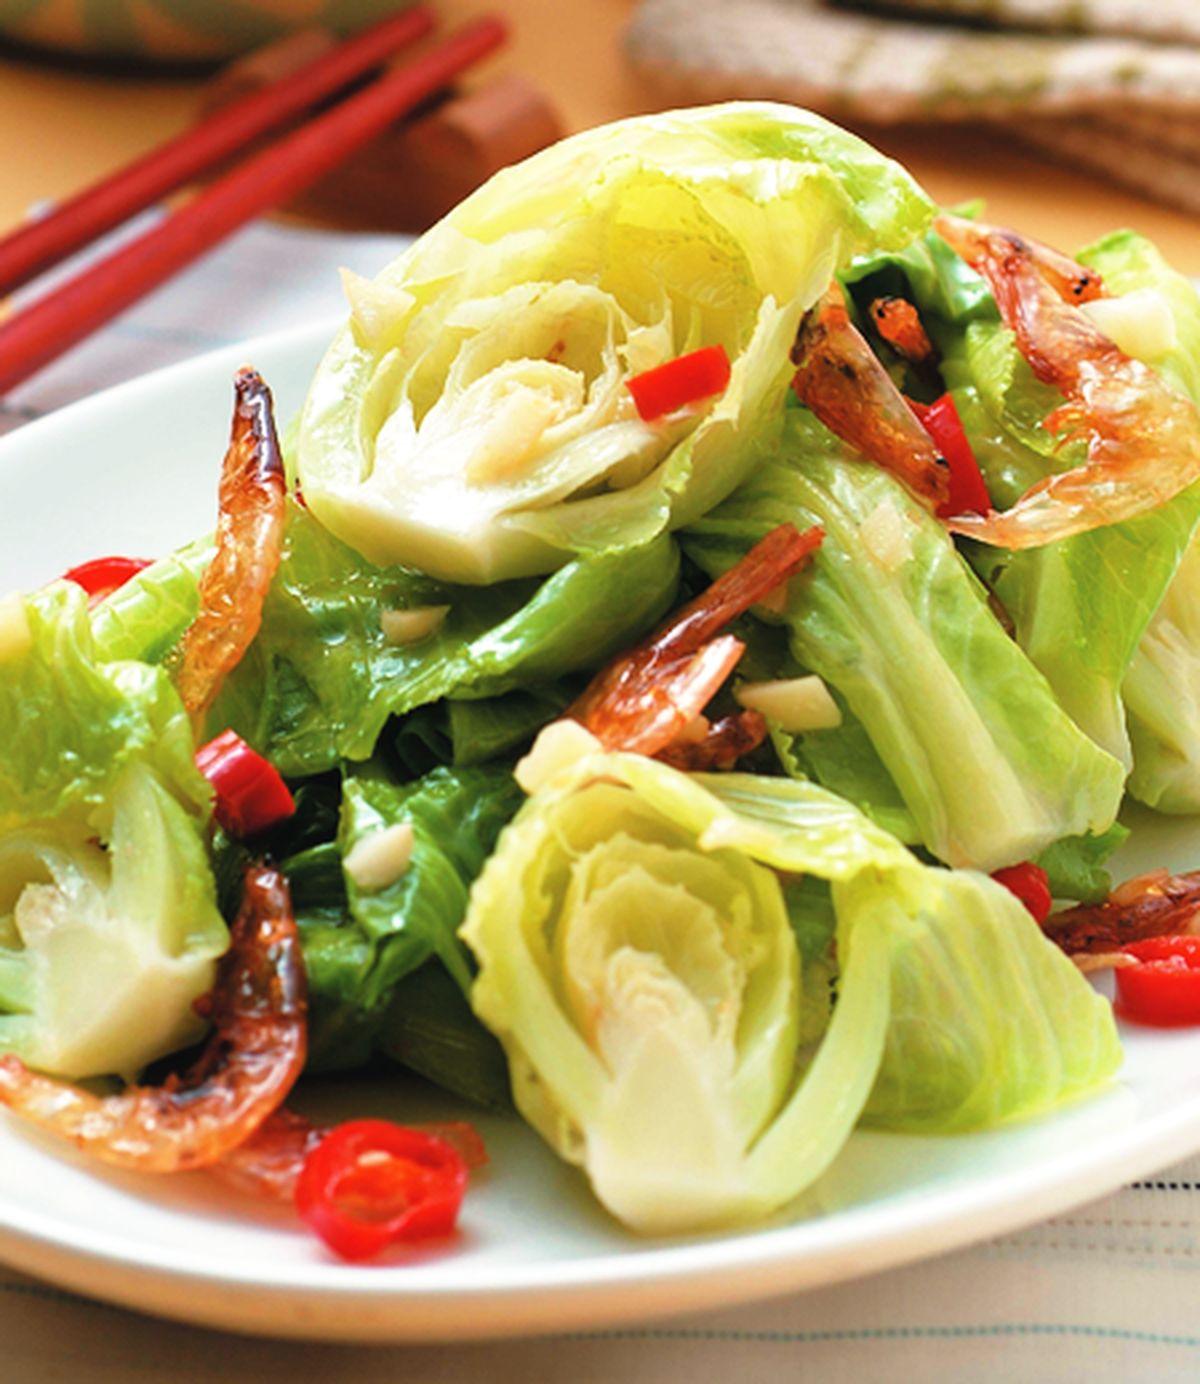 食譜:高麗菜苗炒櫻花蝦